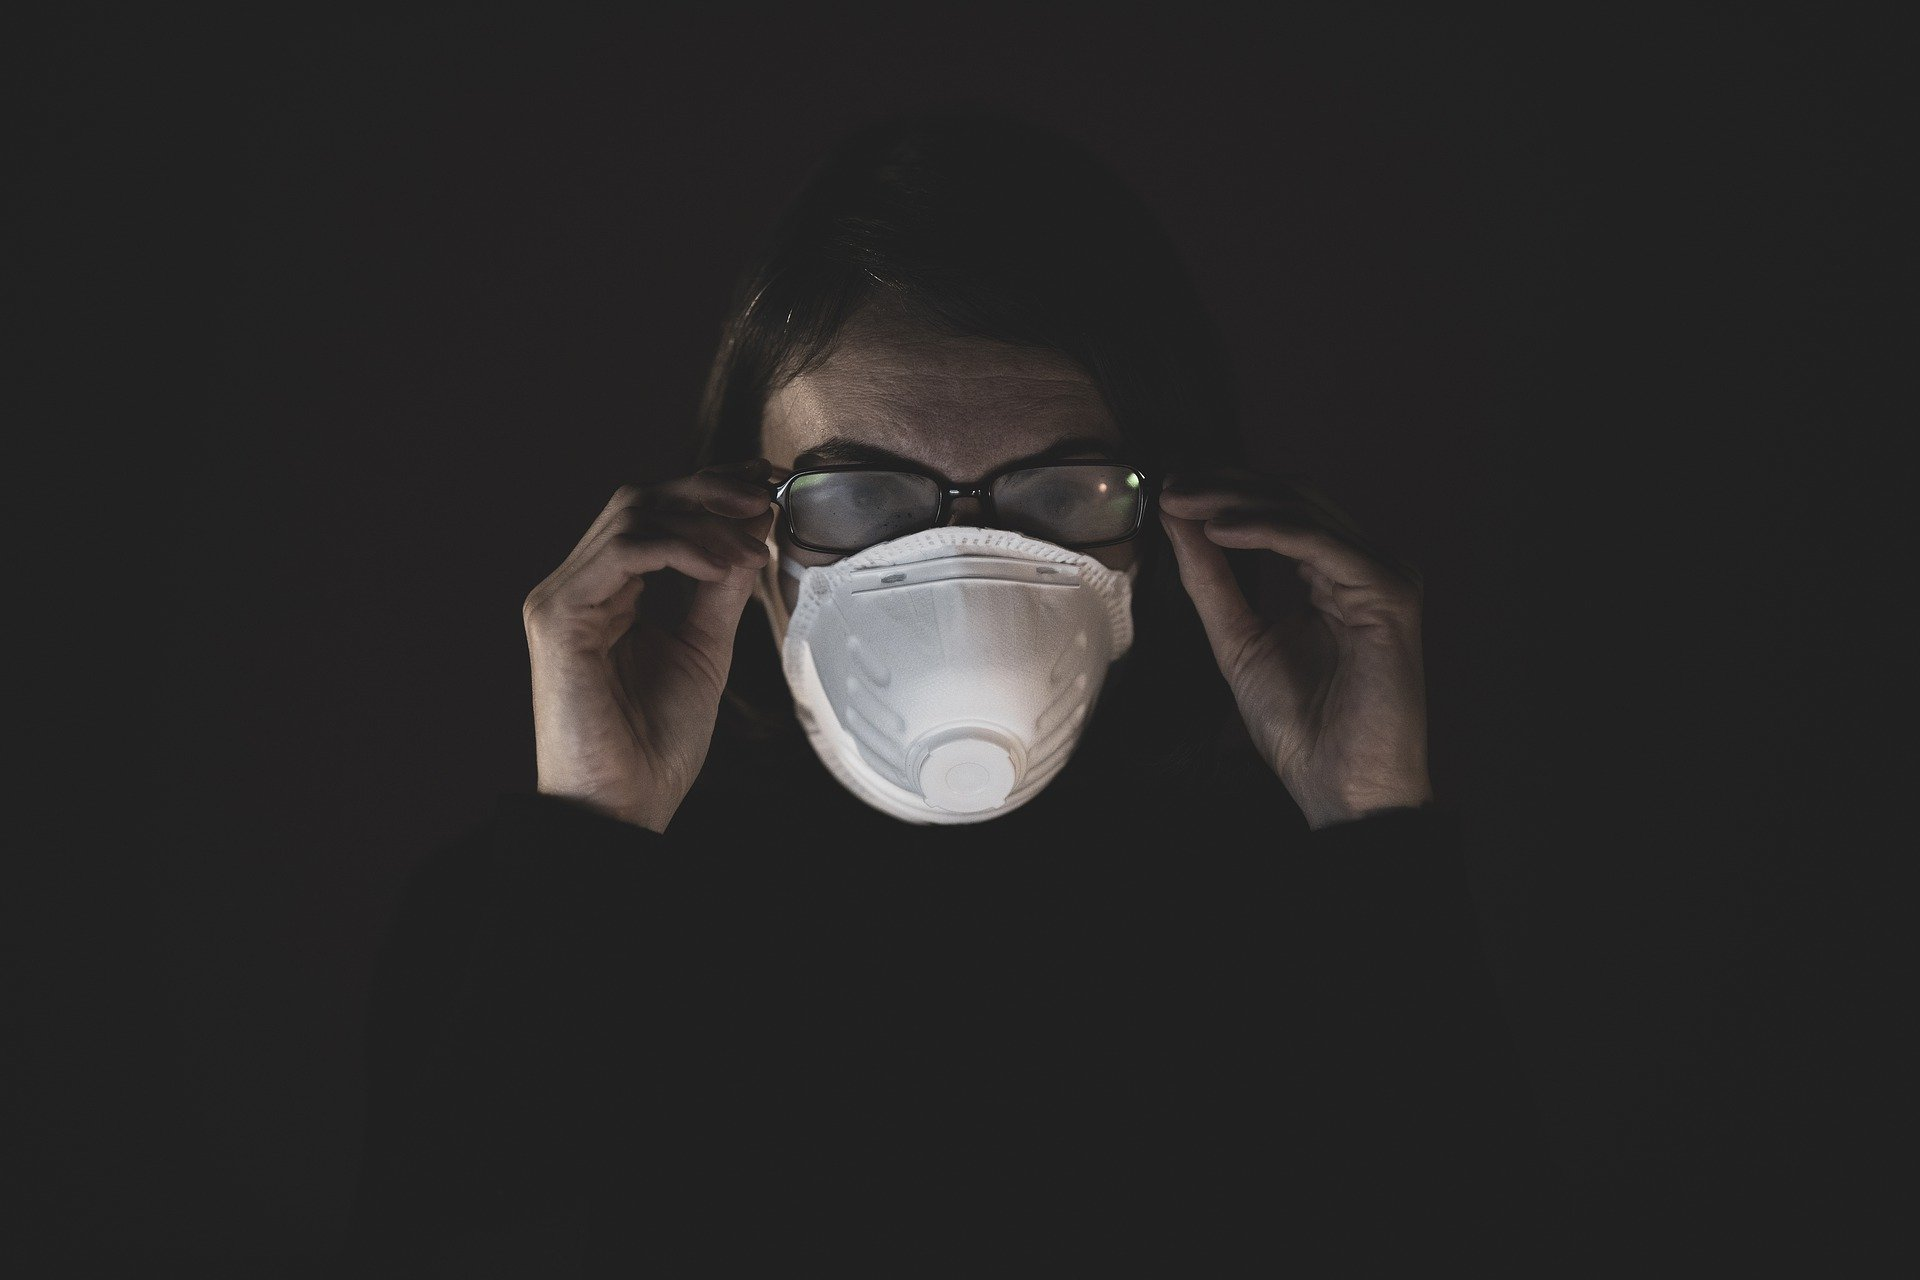 Koronawirus: ponad czterysta zakażeń w woj. lubelskim, prawie dziesięć tys. w kraju - Zdjęcie główne